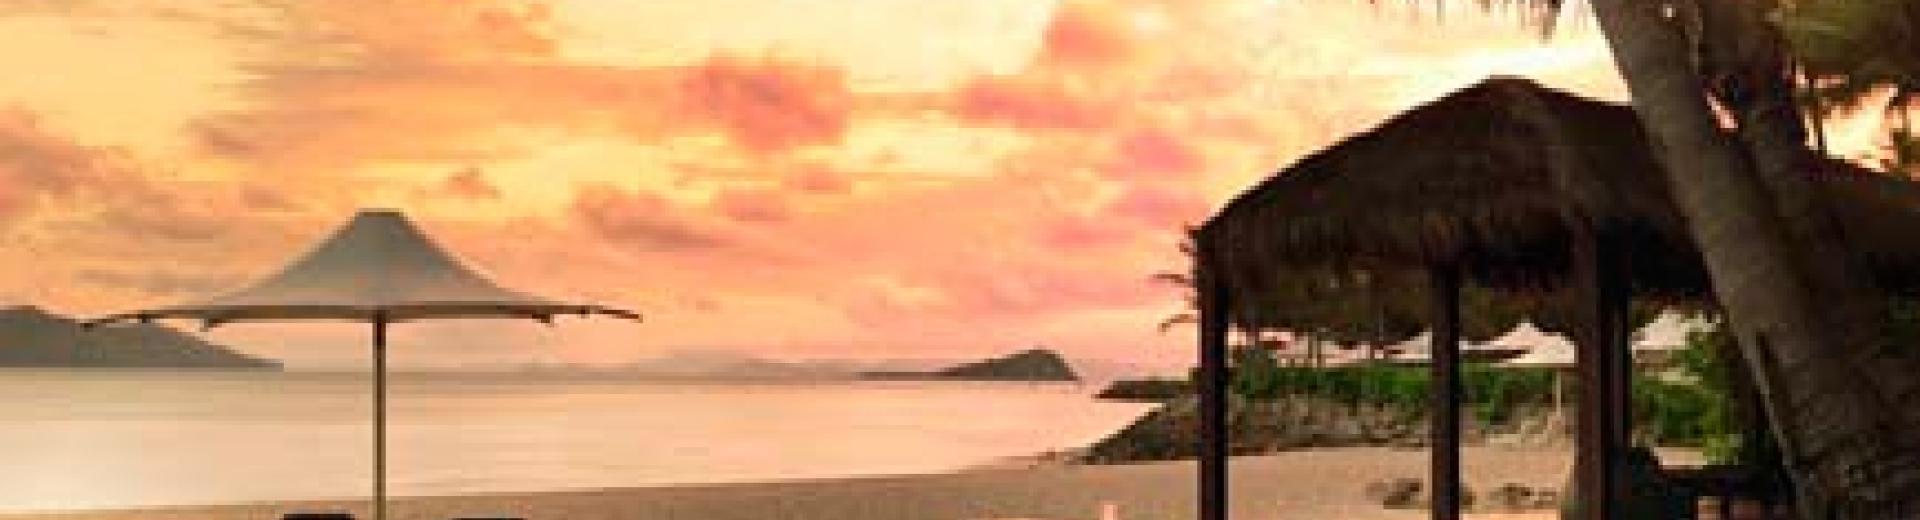 Beach House with